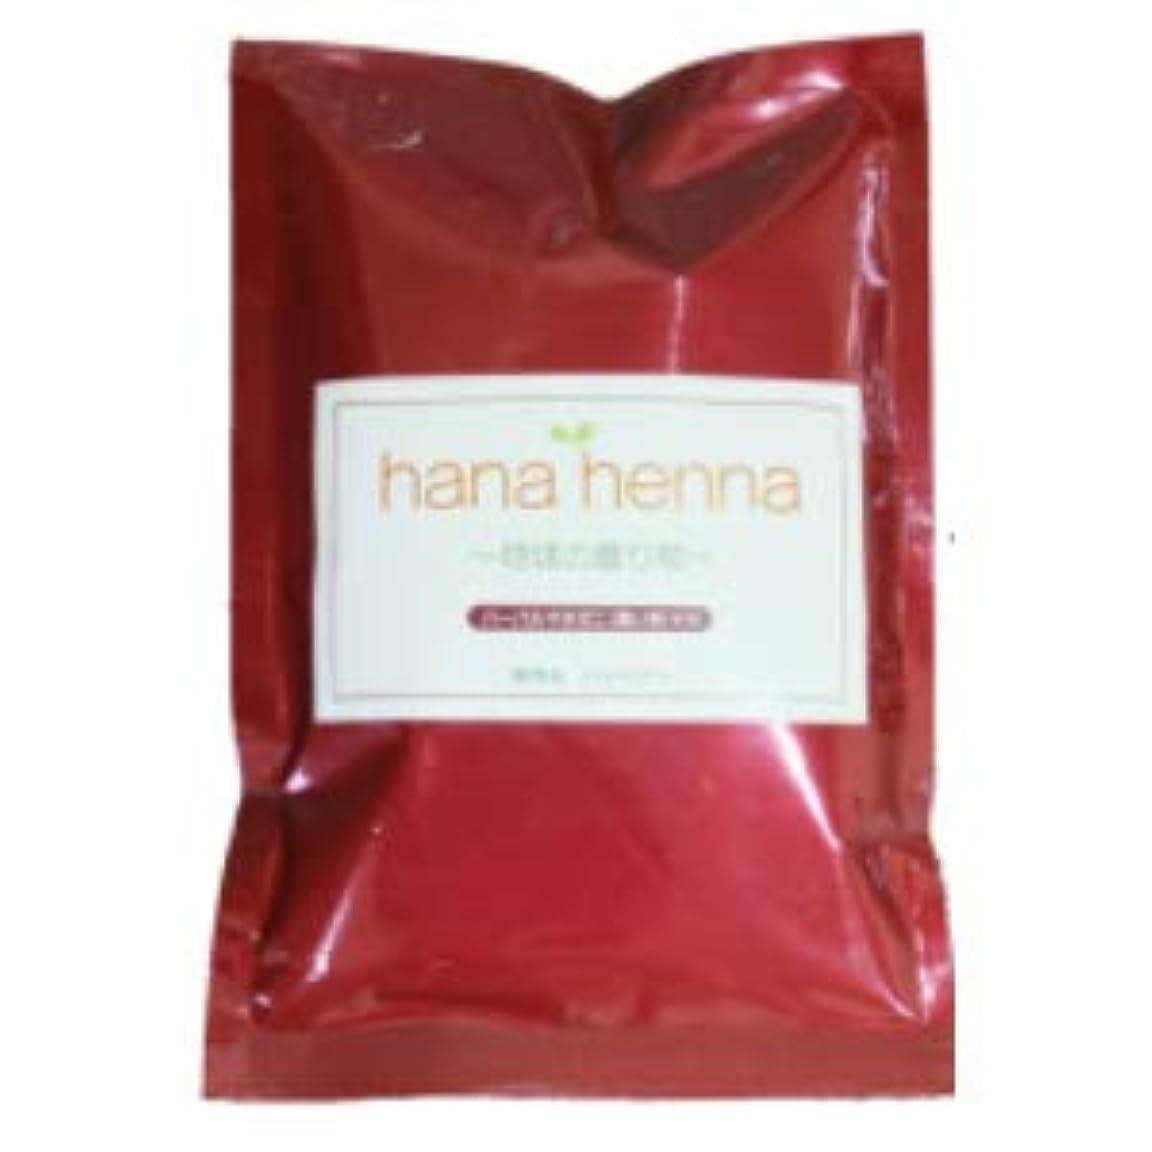 モットーきょうだい軸?hana henna?ハナヘナ ハーバルマホガニー(濃い茶) (100g)